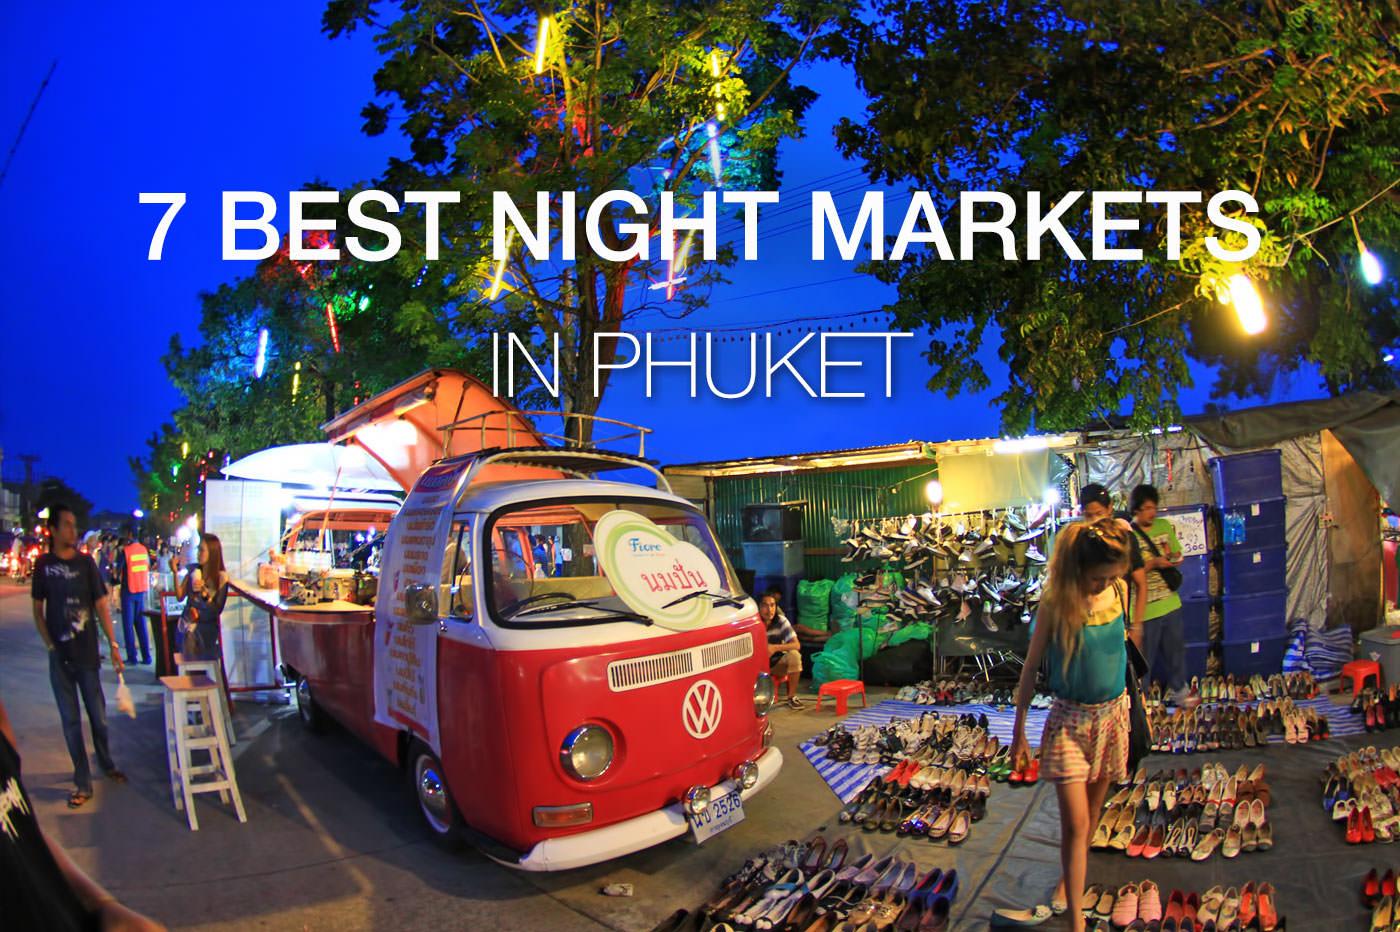 7 Best Night Markets in Phuket (Updated)